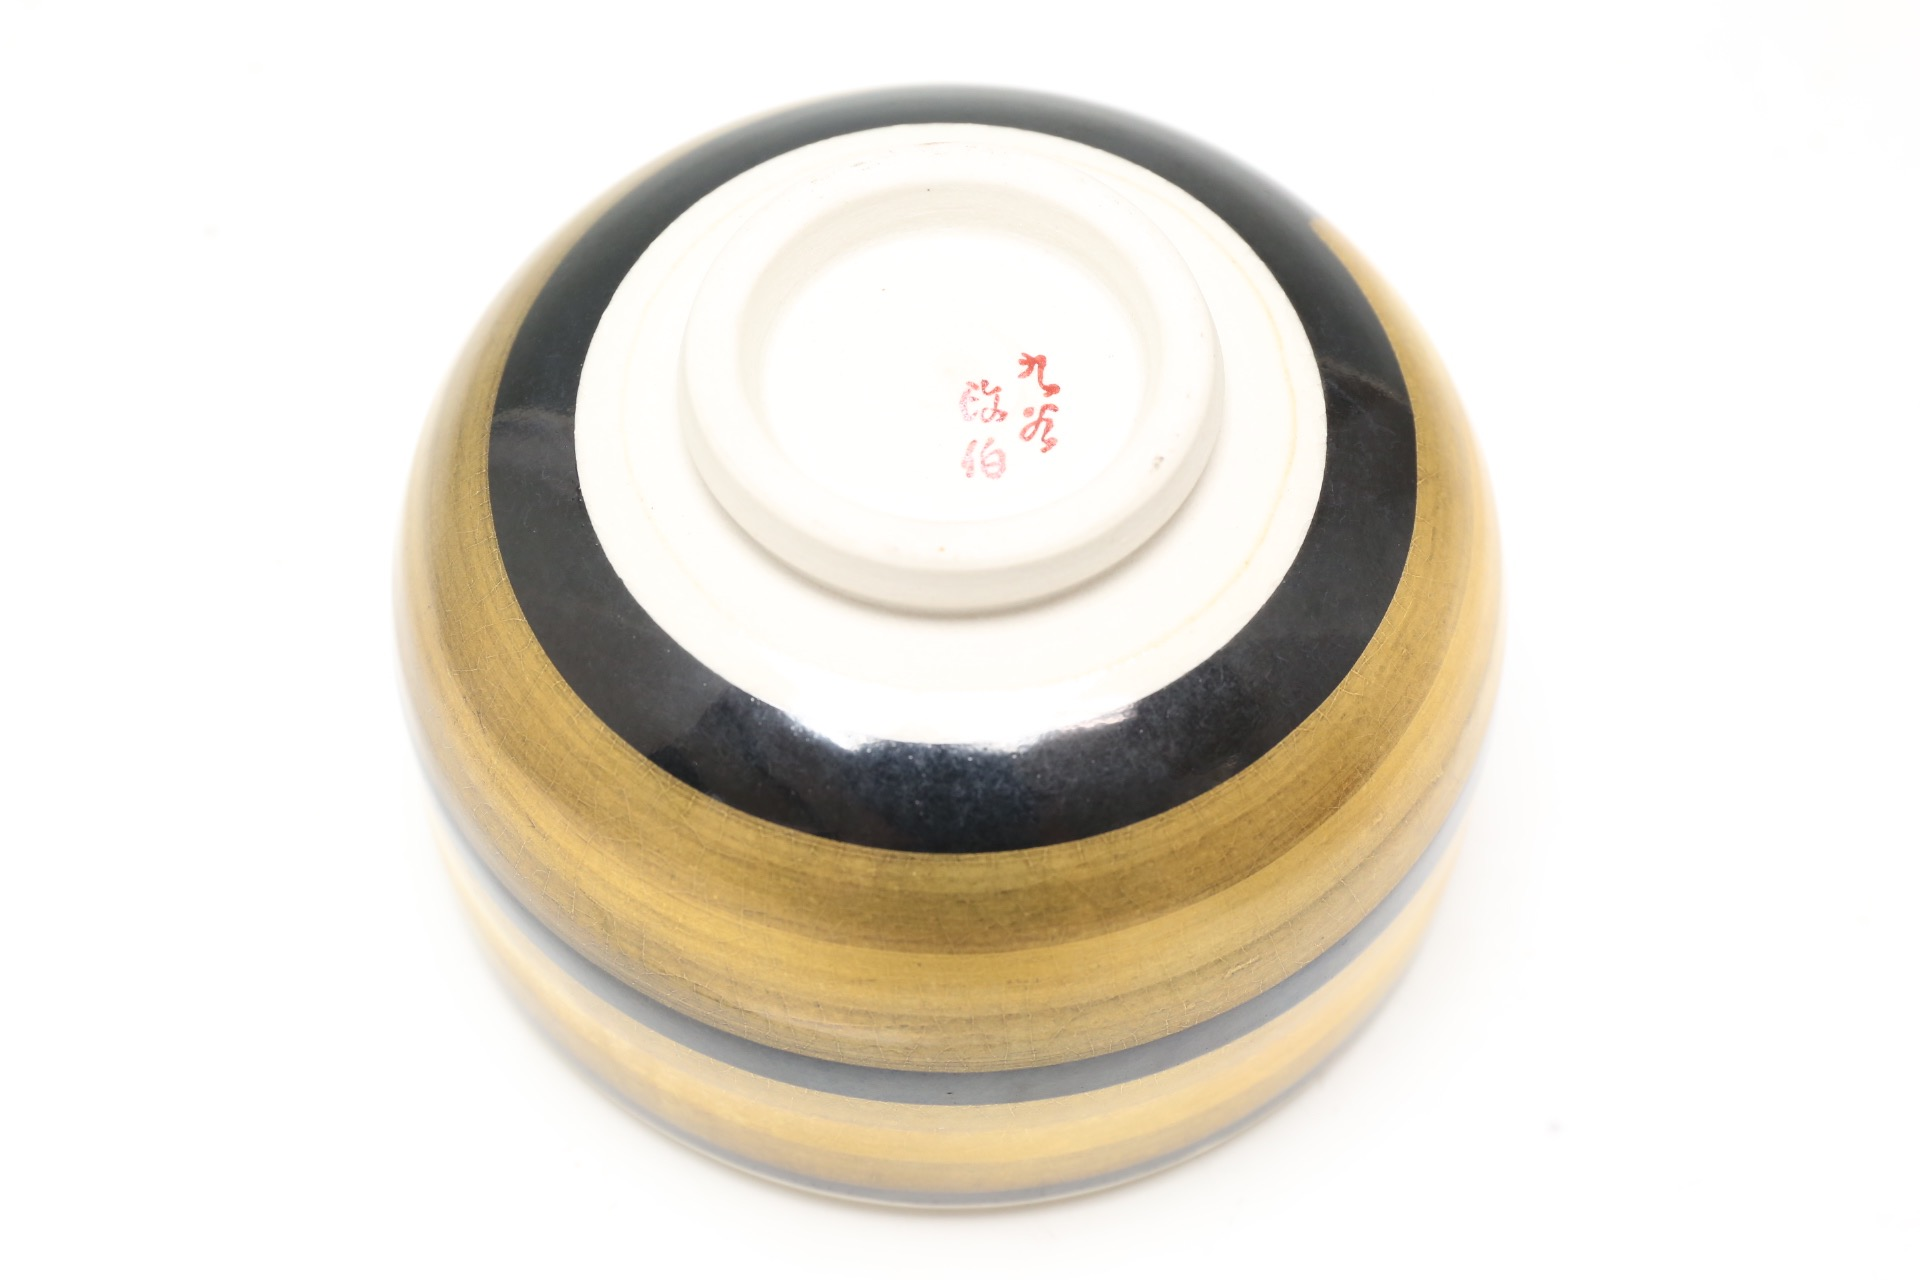 九谷焼 黒地に金彩の茶碗 [2Z-4223]3